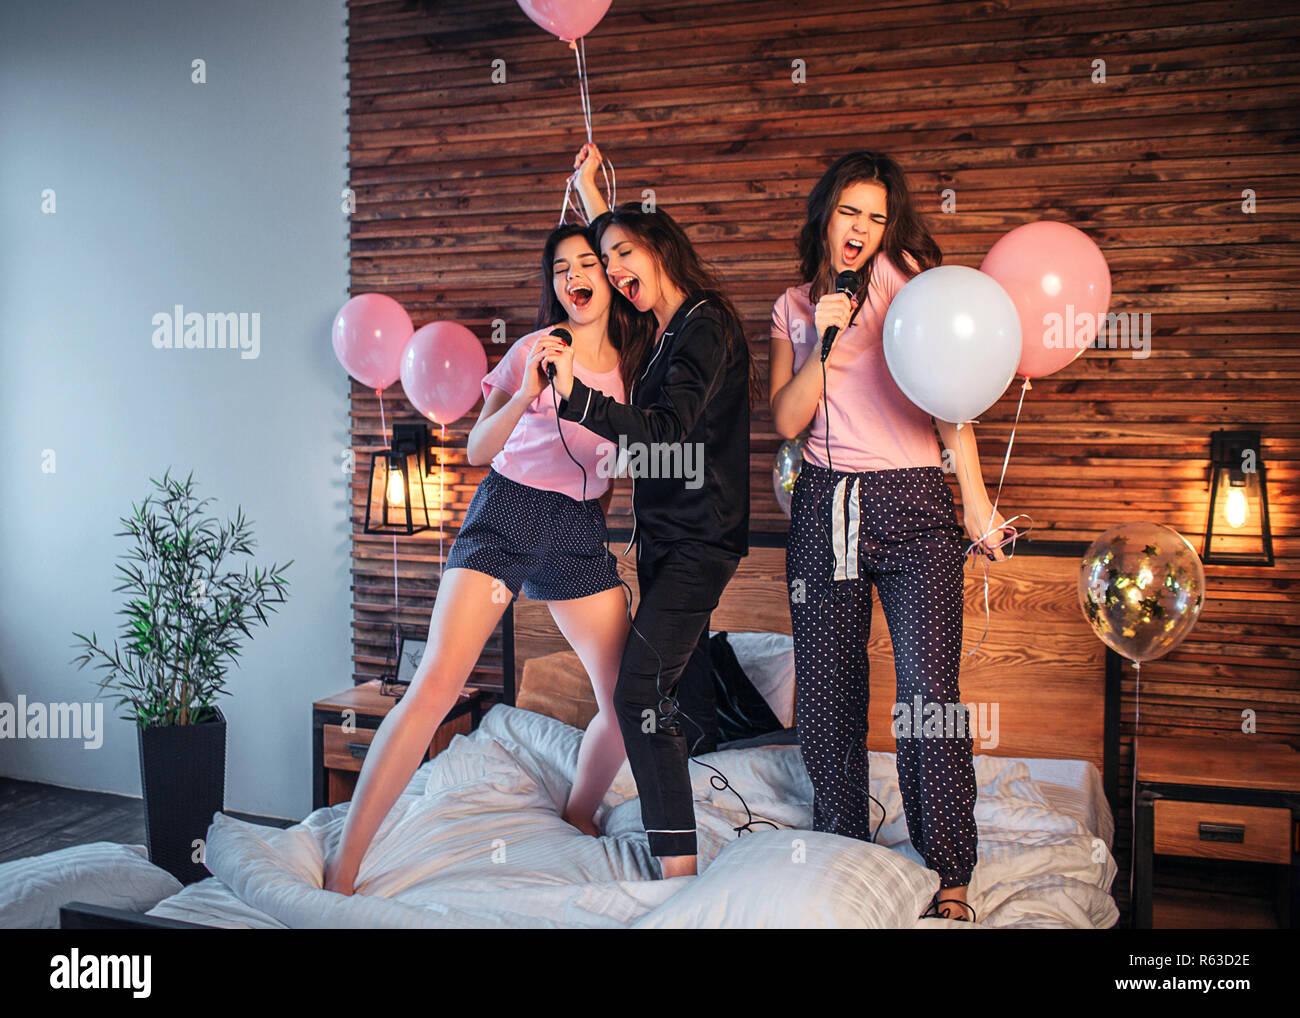 ad41d6a3e2d Las mujeres jóvenes de pie en la cama en la sala de fiestas. Tienen  micrófonos